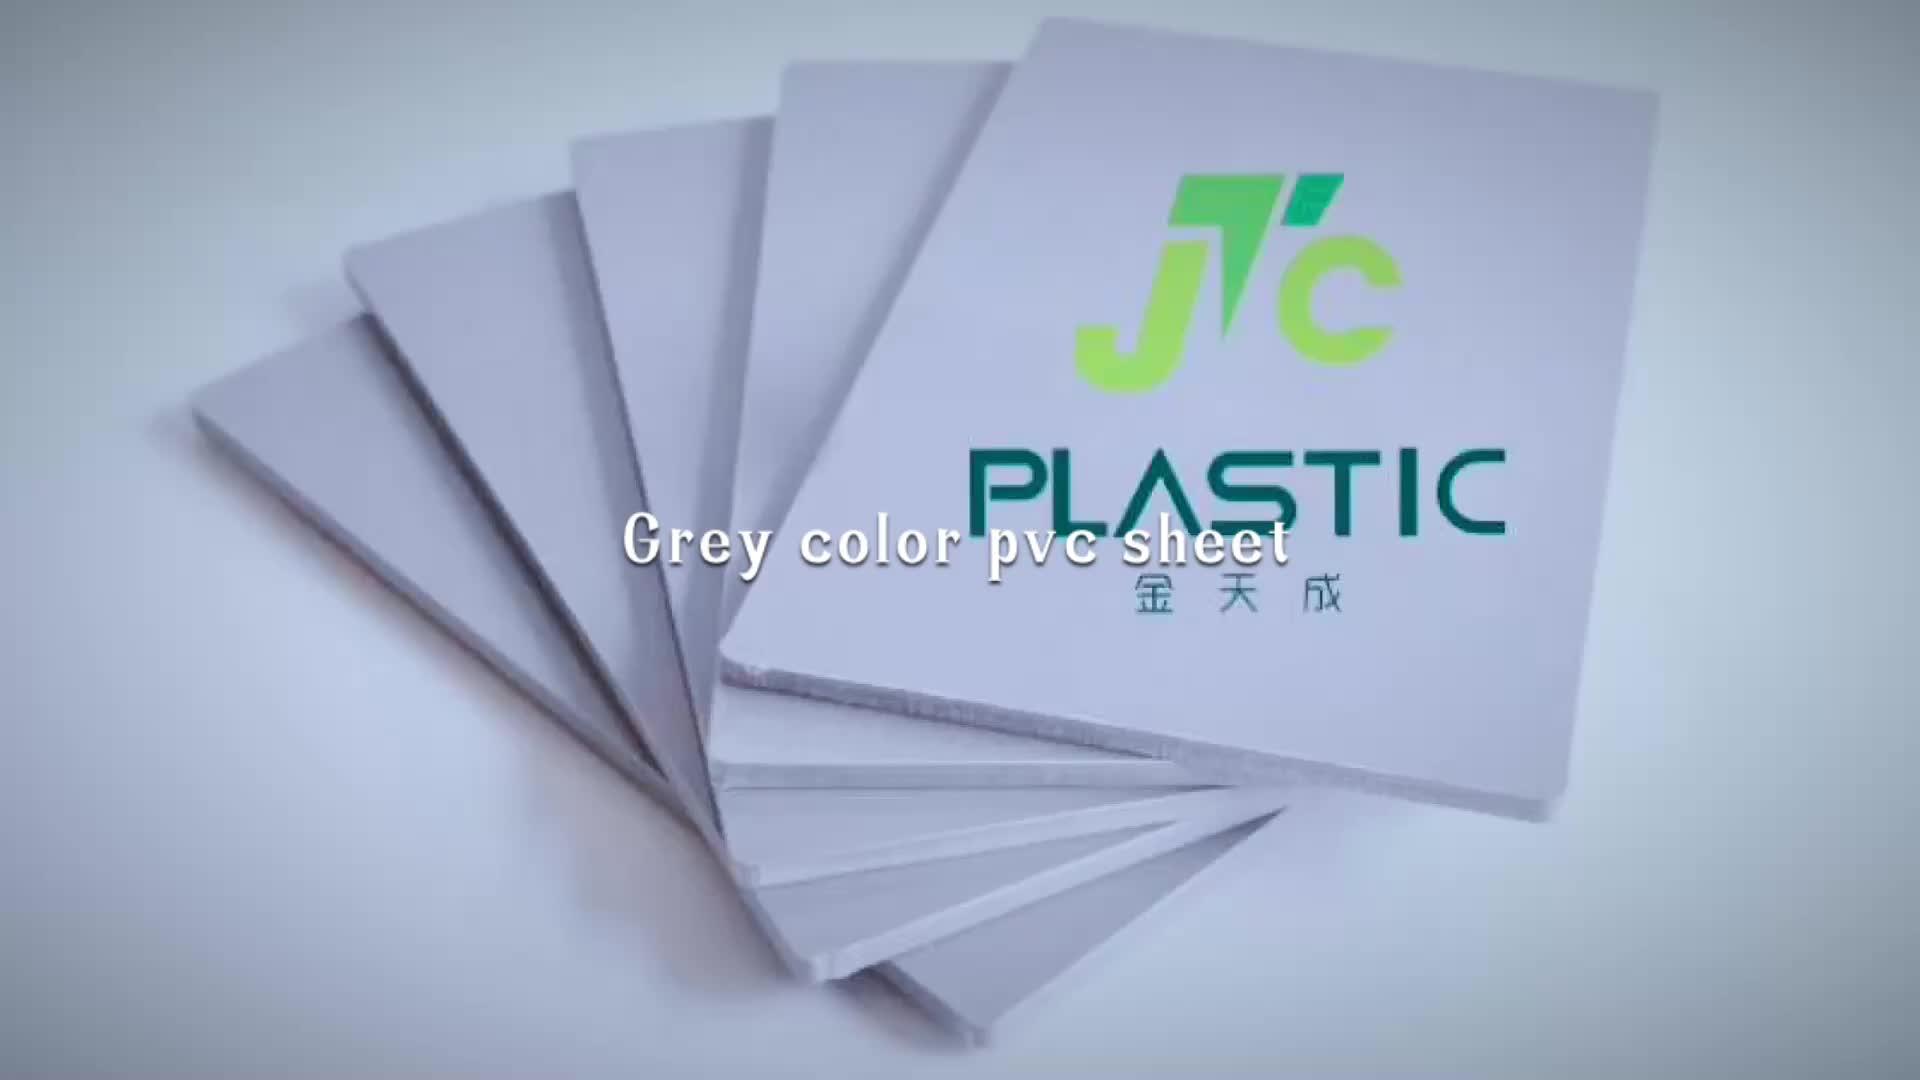 ग्रे सफेद काले आइवरी ठोस हार्ड प्लास्टिक पीवीसी शीट बोर्ड 1 2 5 10 12 15 20 30mm 40 50 60mm नहीं फोम